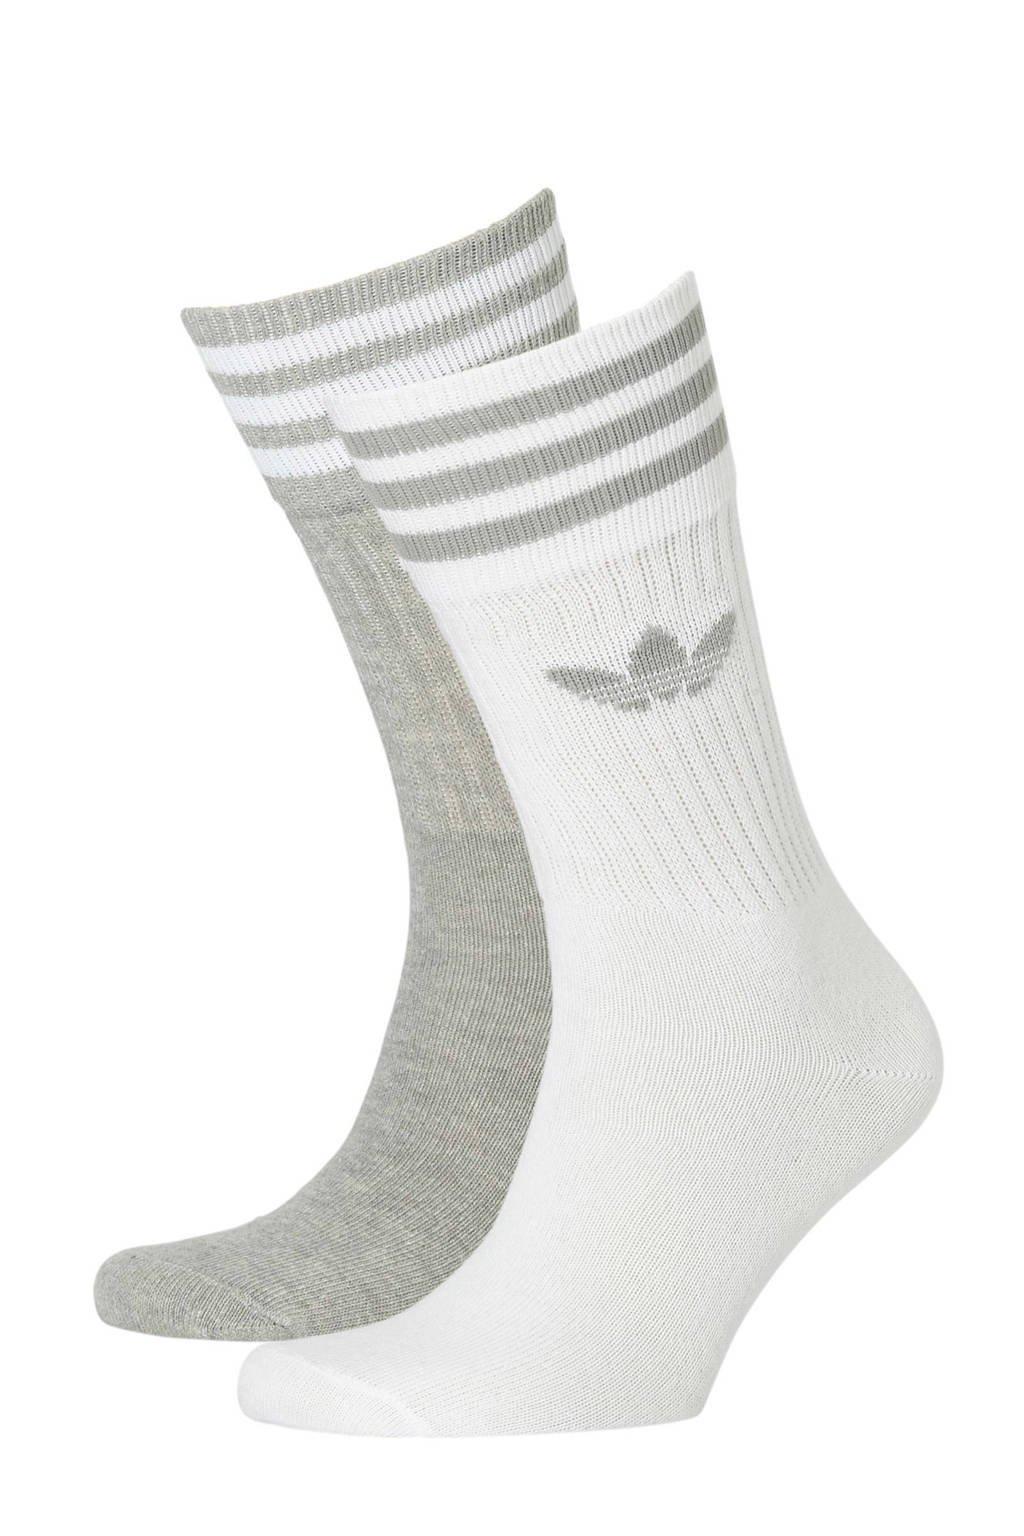 adidas originals   sokken (set van 2), Grijs/wit